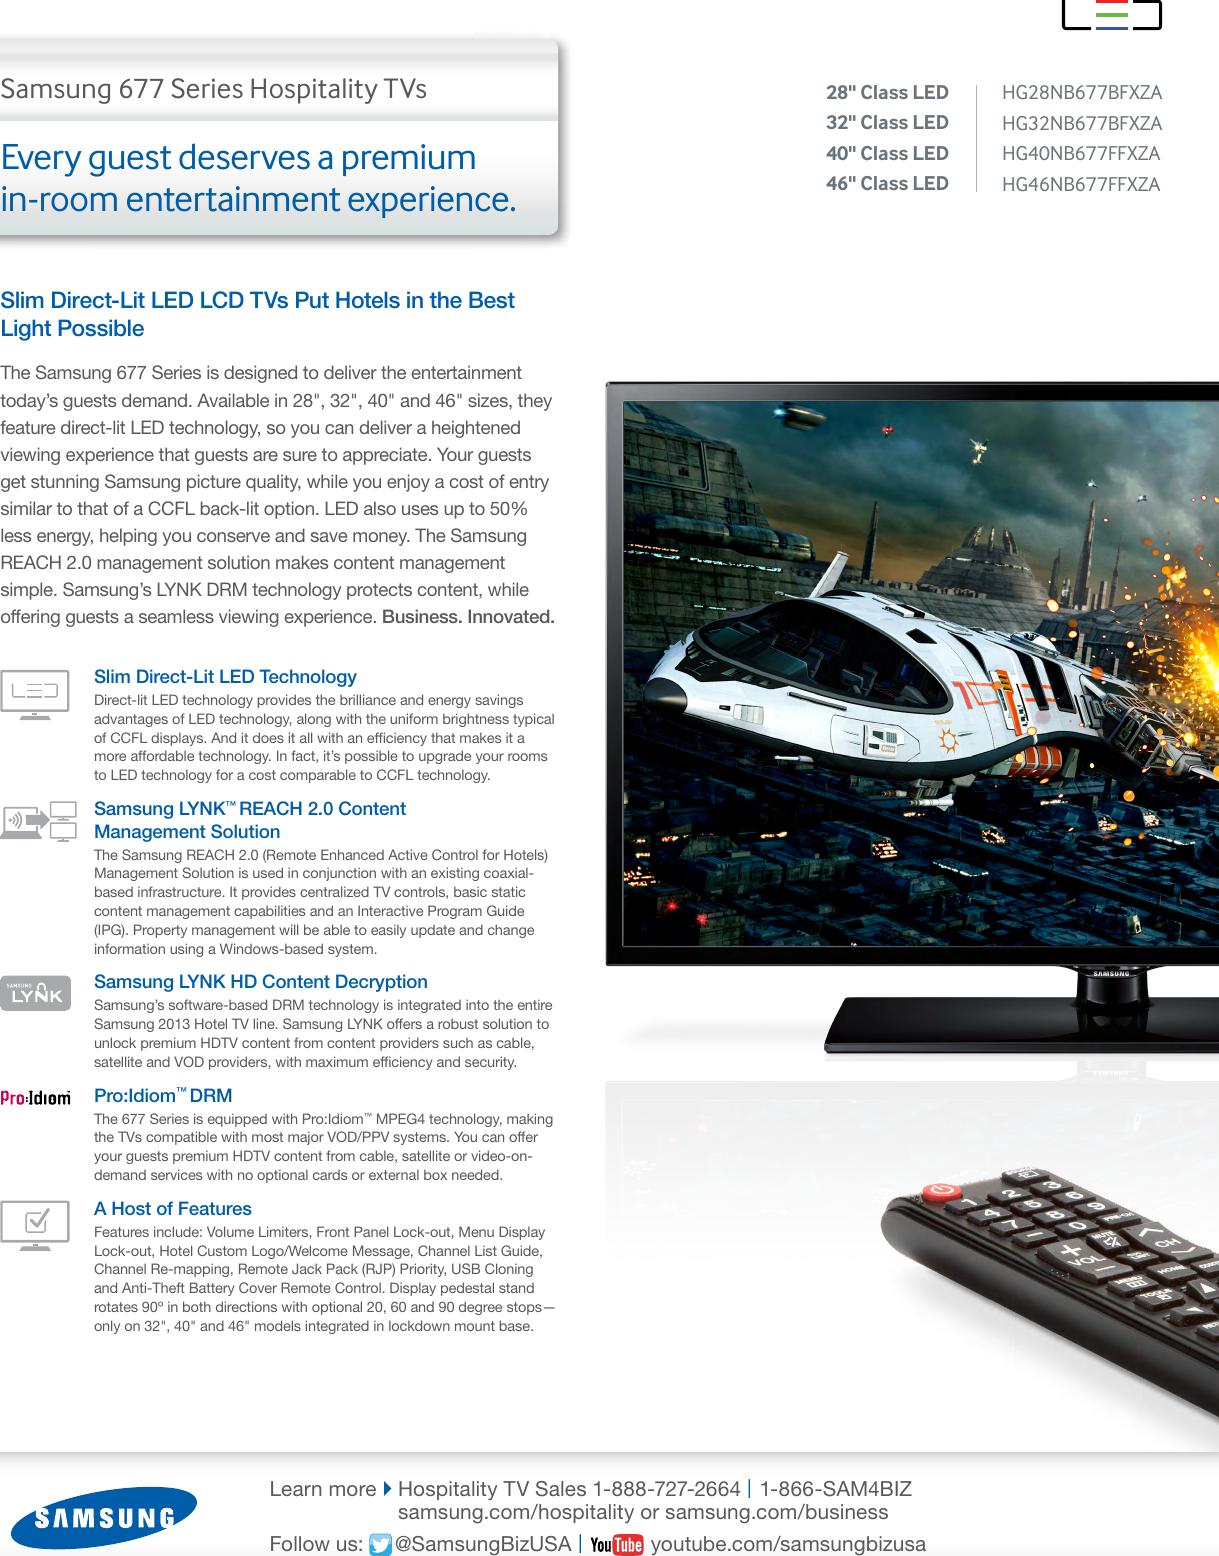 Samsung 40In Slim Direct Lit Led Tv Hg40Nb677Ffxza Users Manual